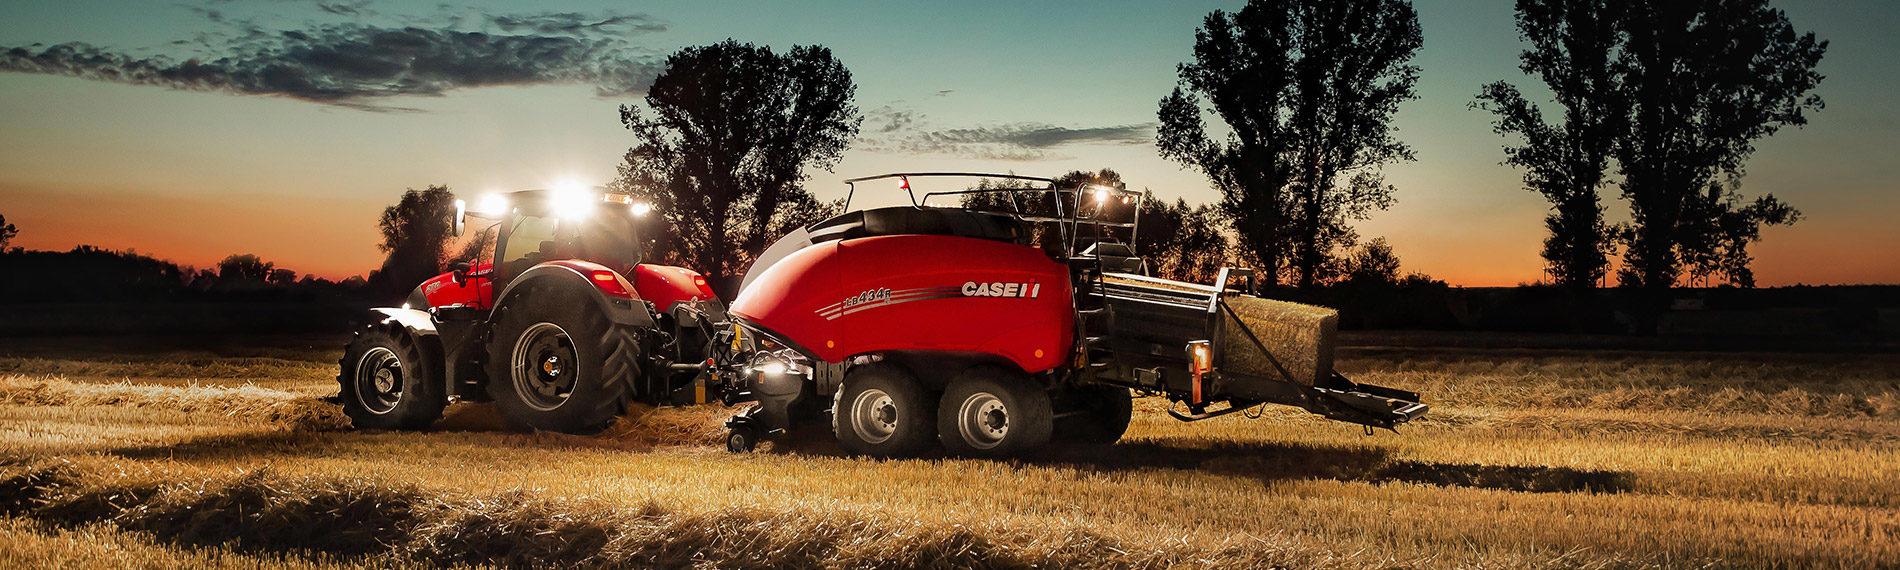 case traktor mit grossballenpresse bei nacht